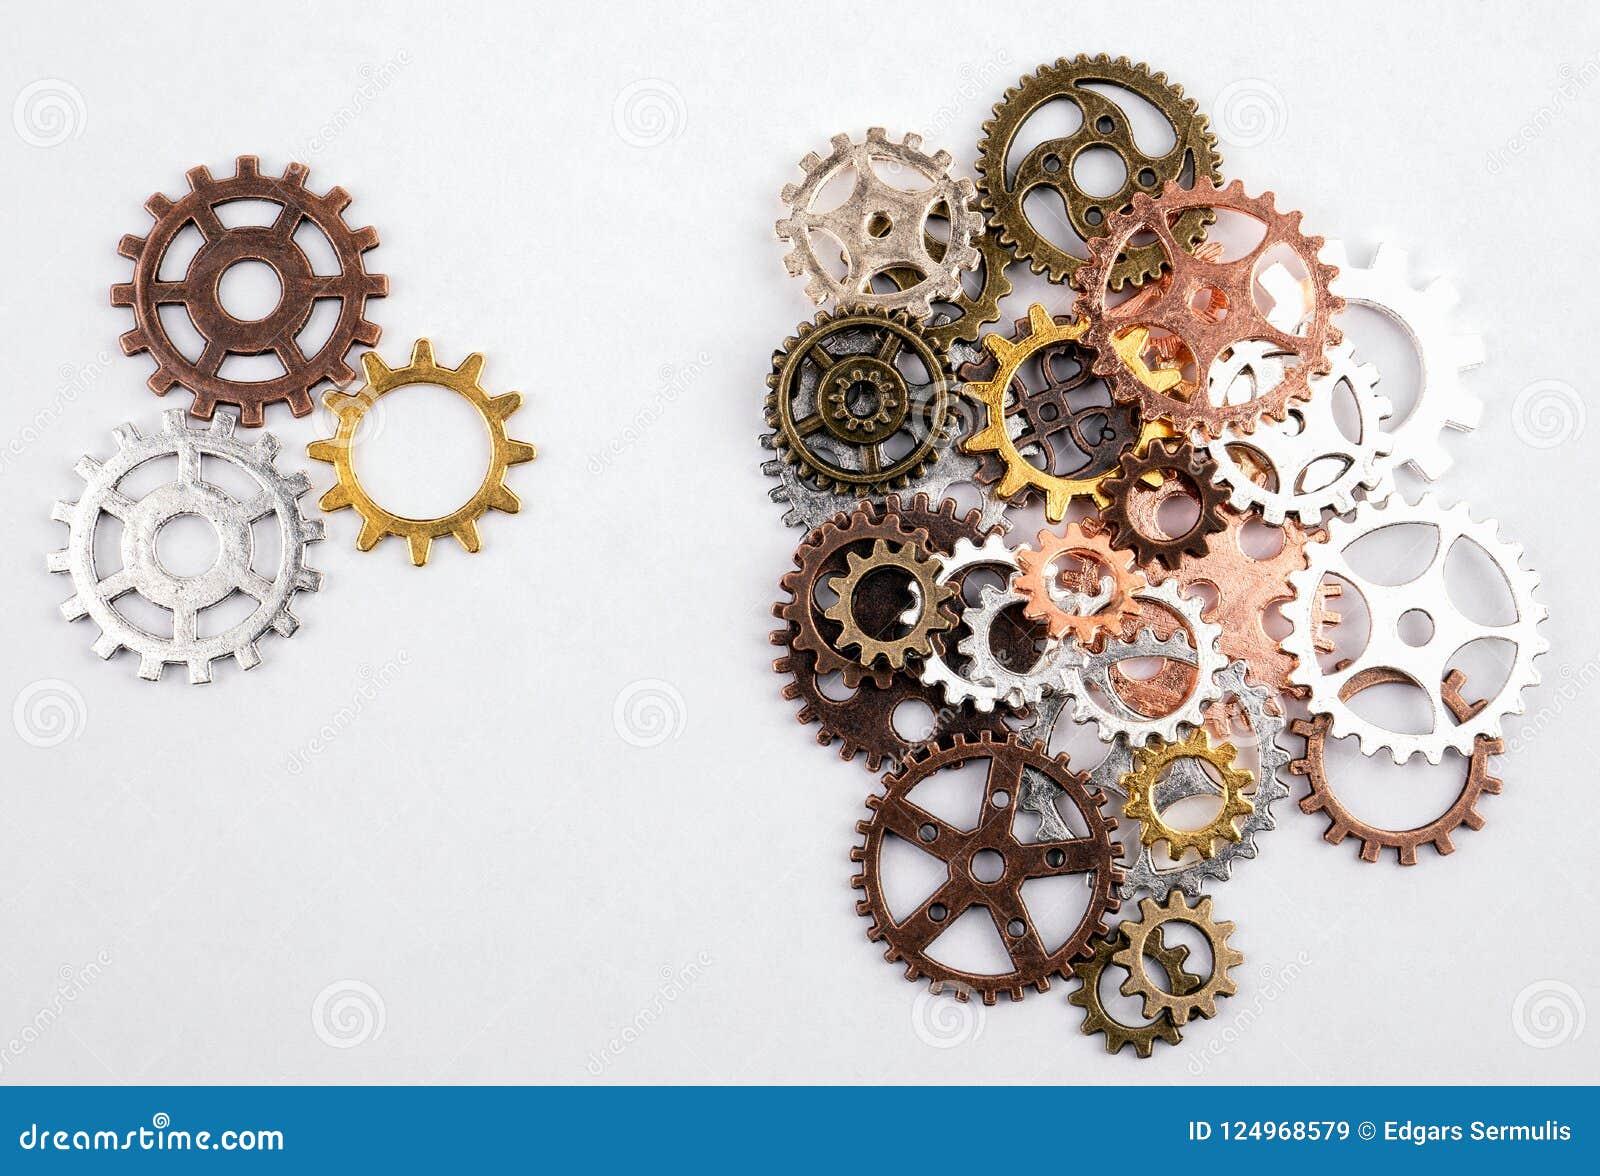 Διαφορετικά μεγέθη και χρωματισμένα εργαλεία σε ένα άσπρο υπόβαθρο